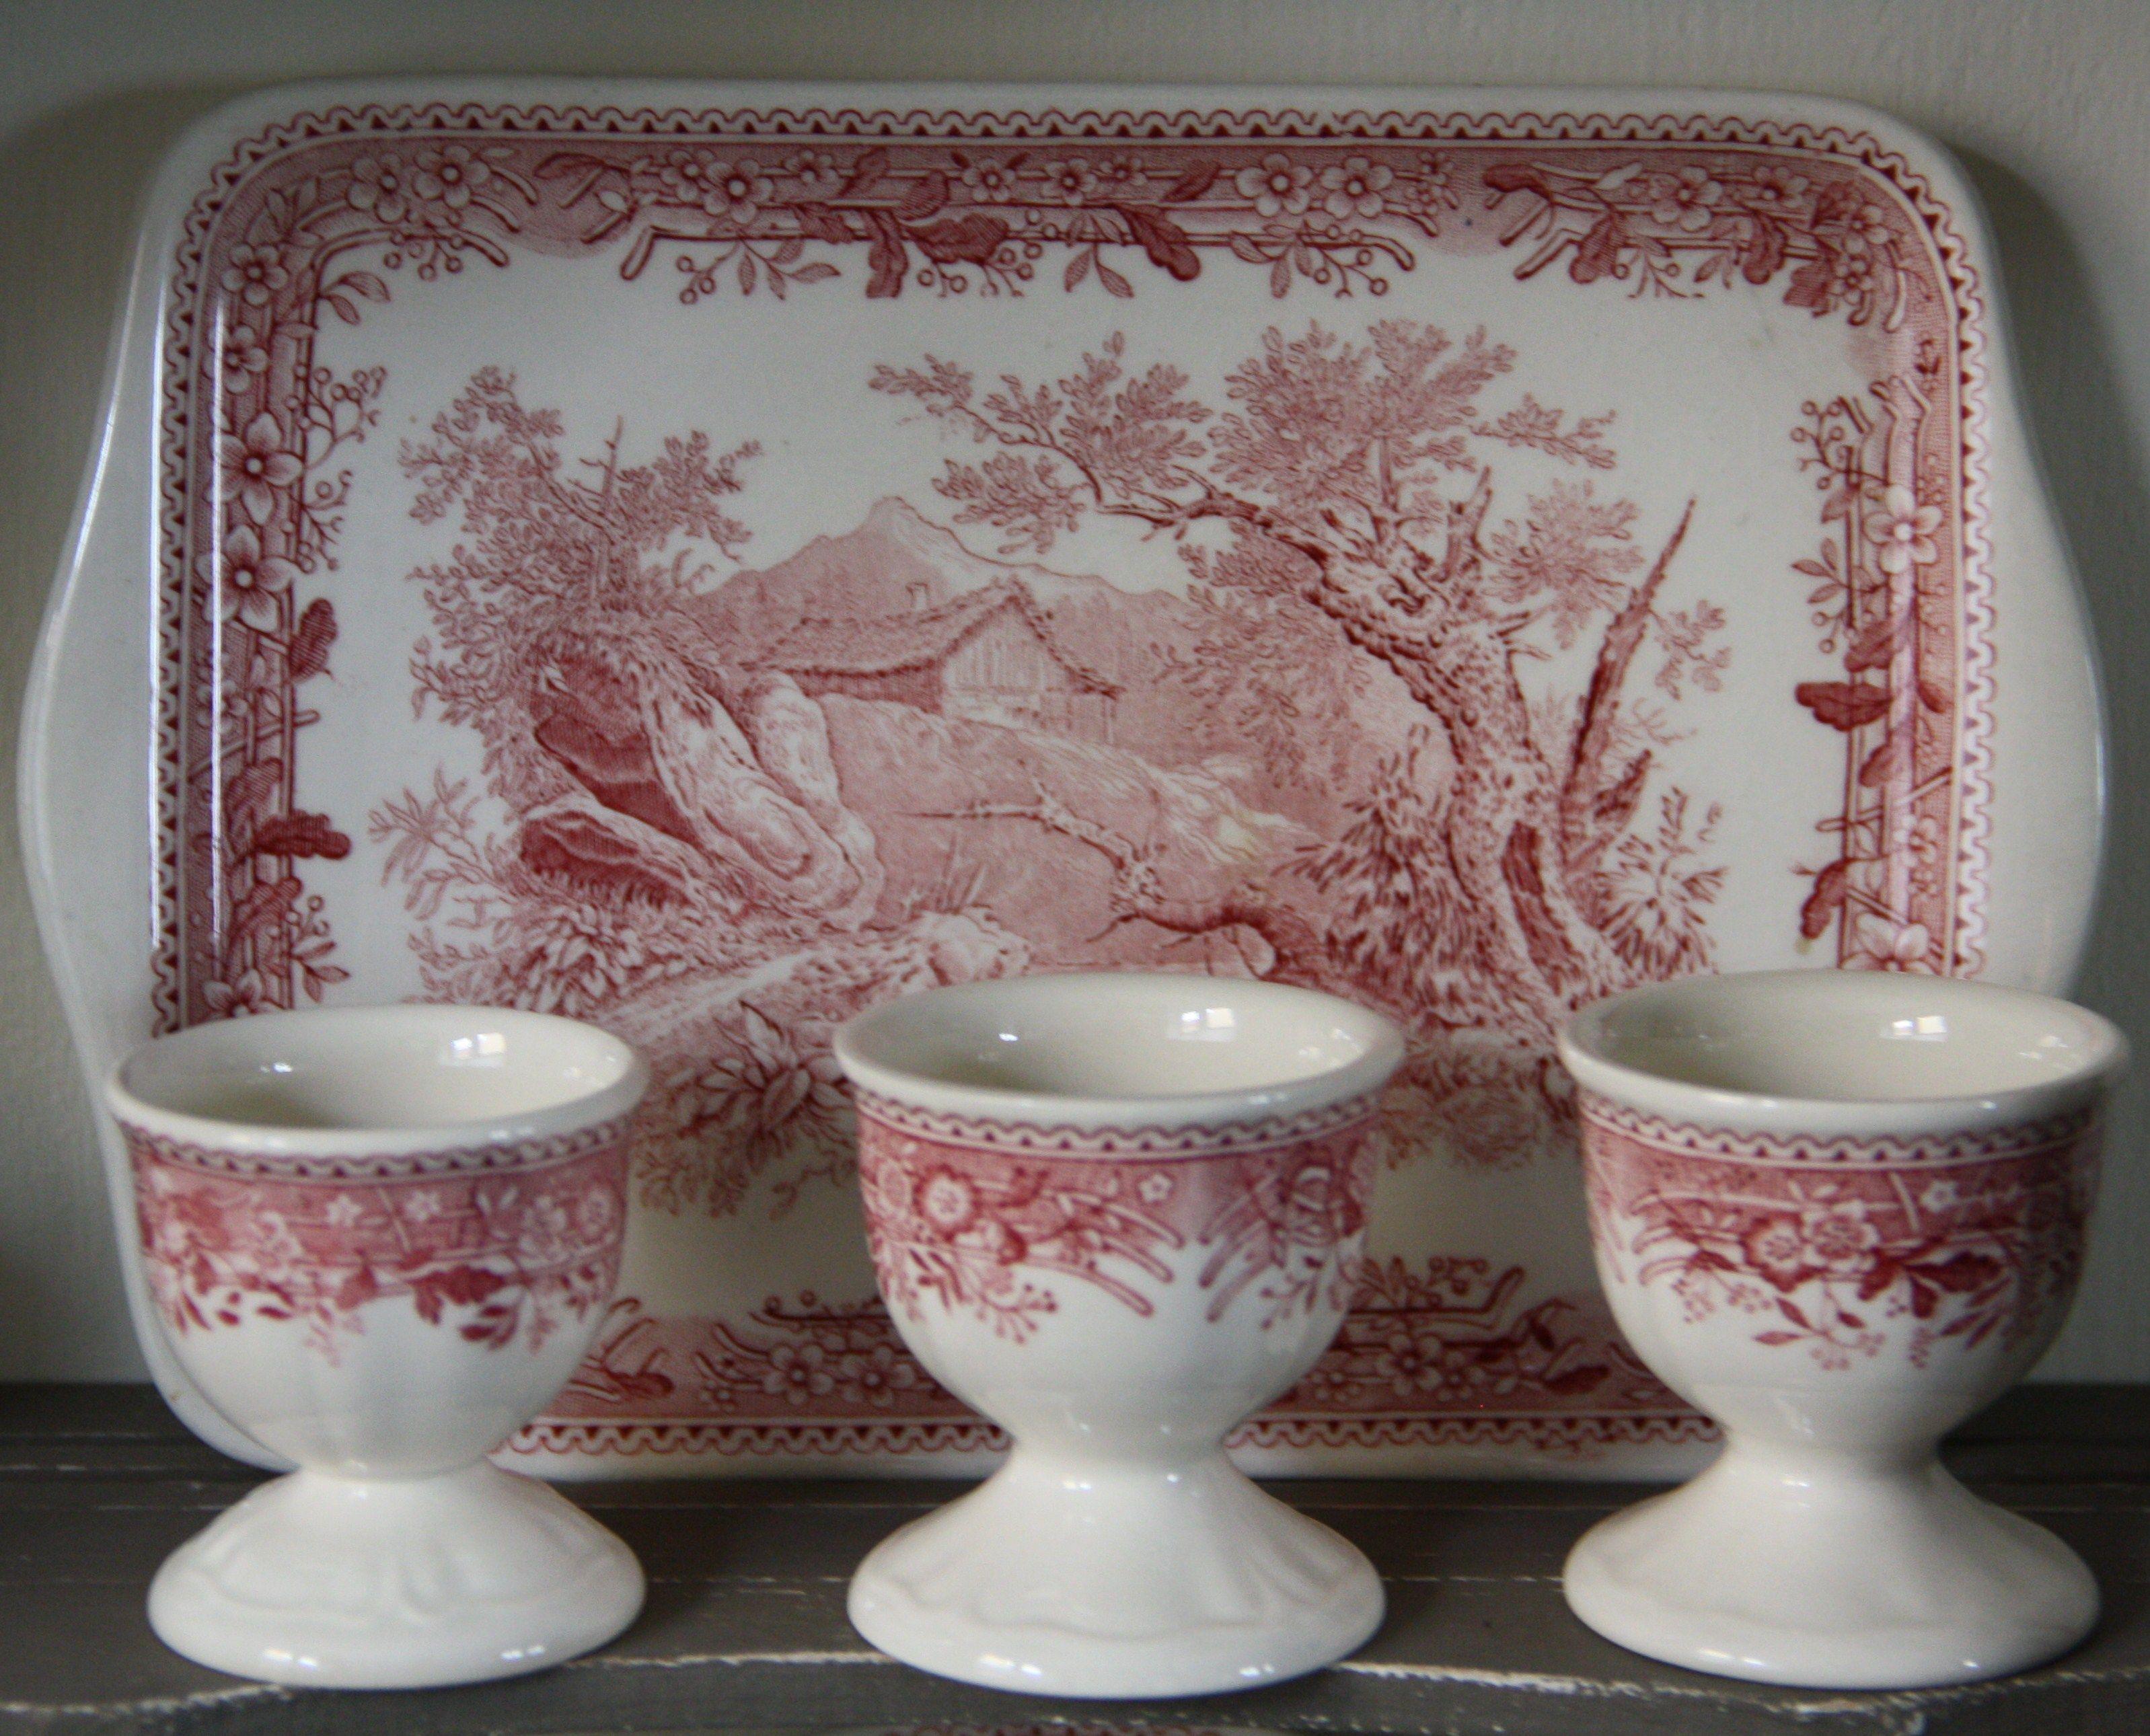 d818f5c34f594ec8ae19ed9e8afb3953 Luxus Villeroy Und Boch Keramik Dekorationen